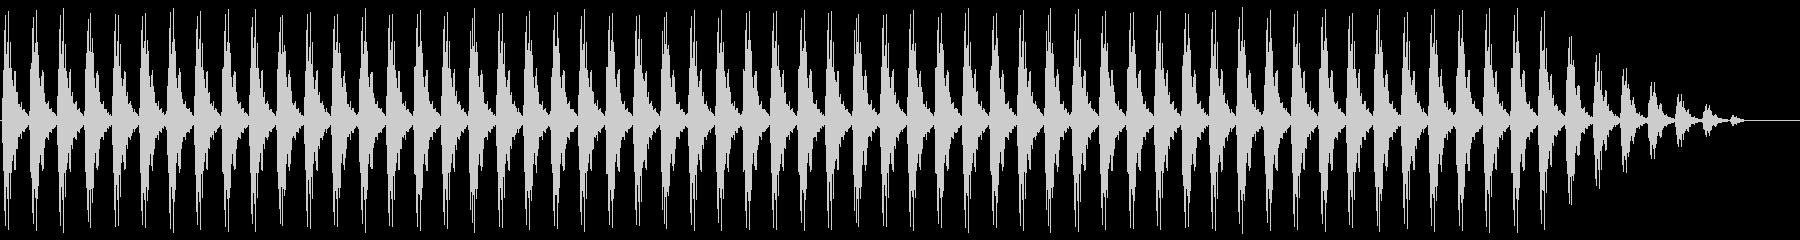 クリスマスの鈴(低め、テンポ遅い)の未再生の波形